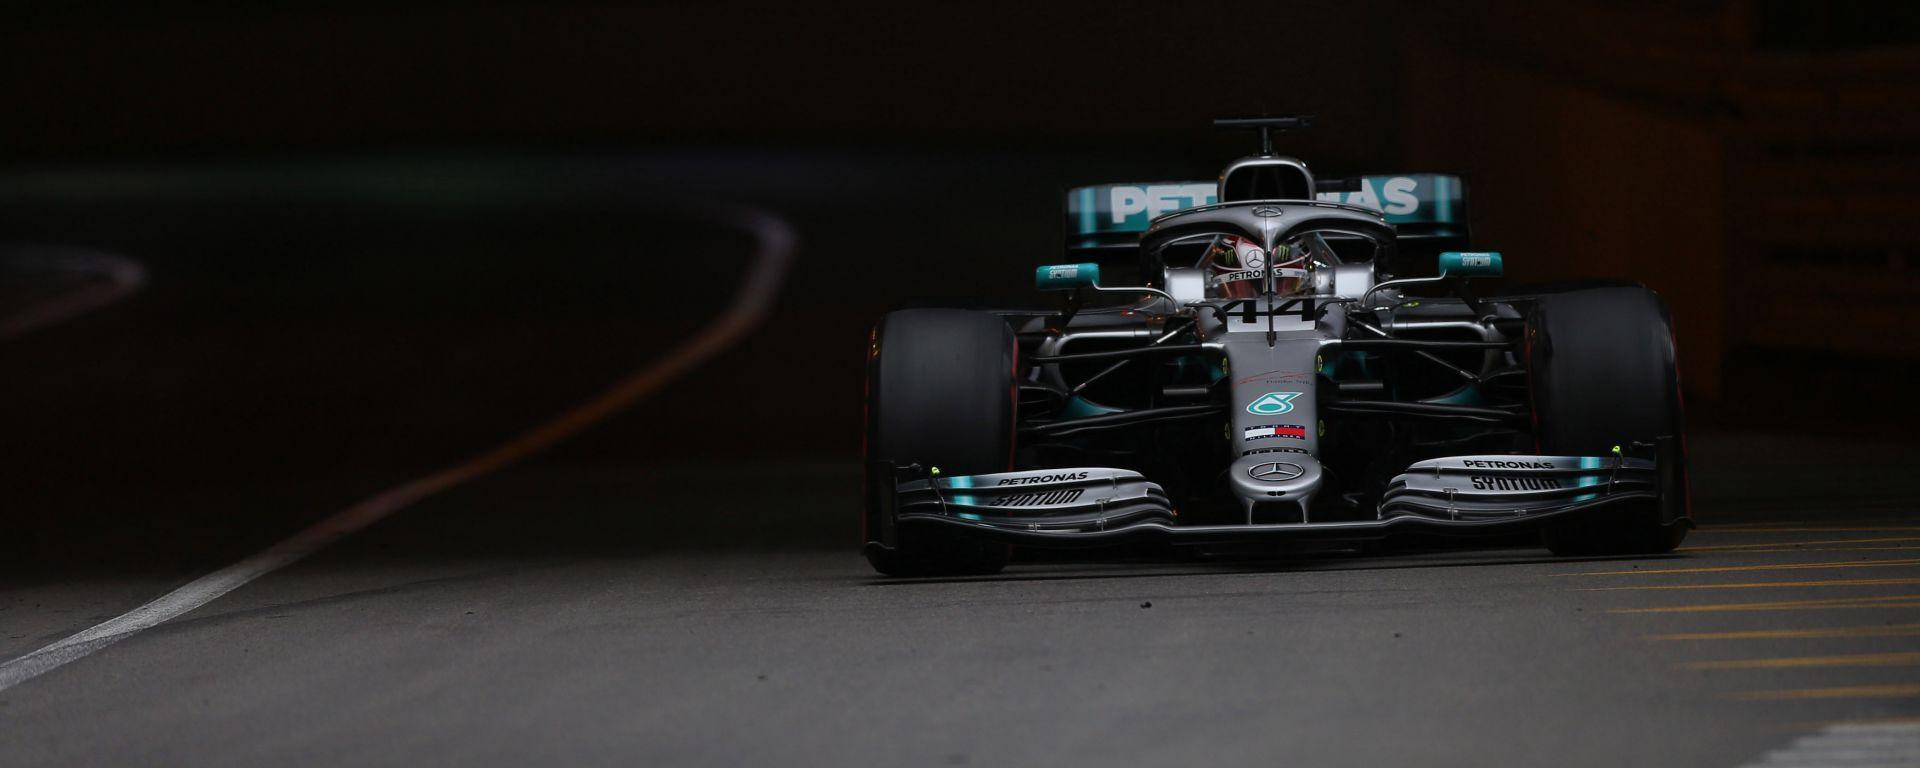 F1 GP Monaco 2019, Lewis Hamilton è il più veloce al termine delle prove libere 2